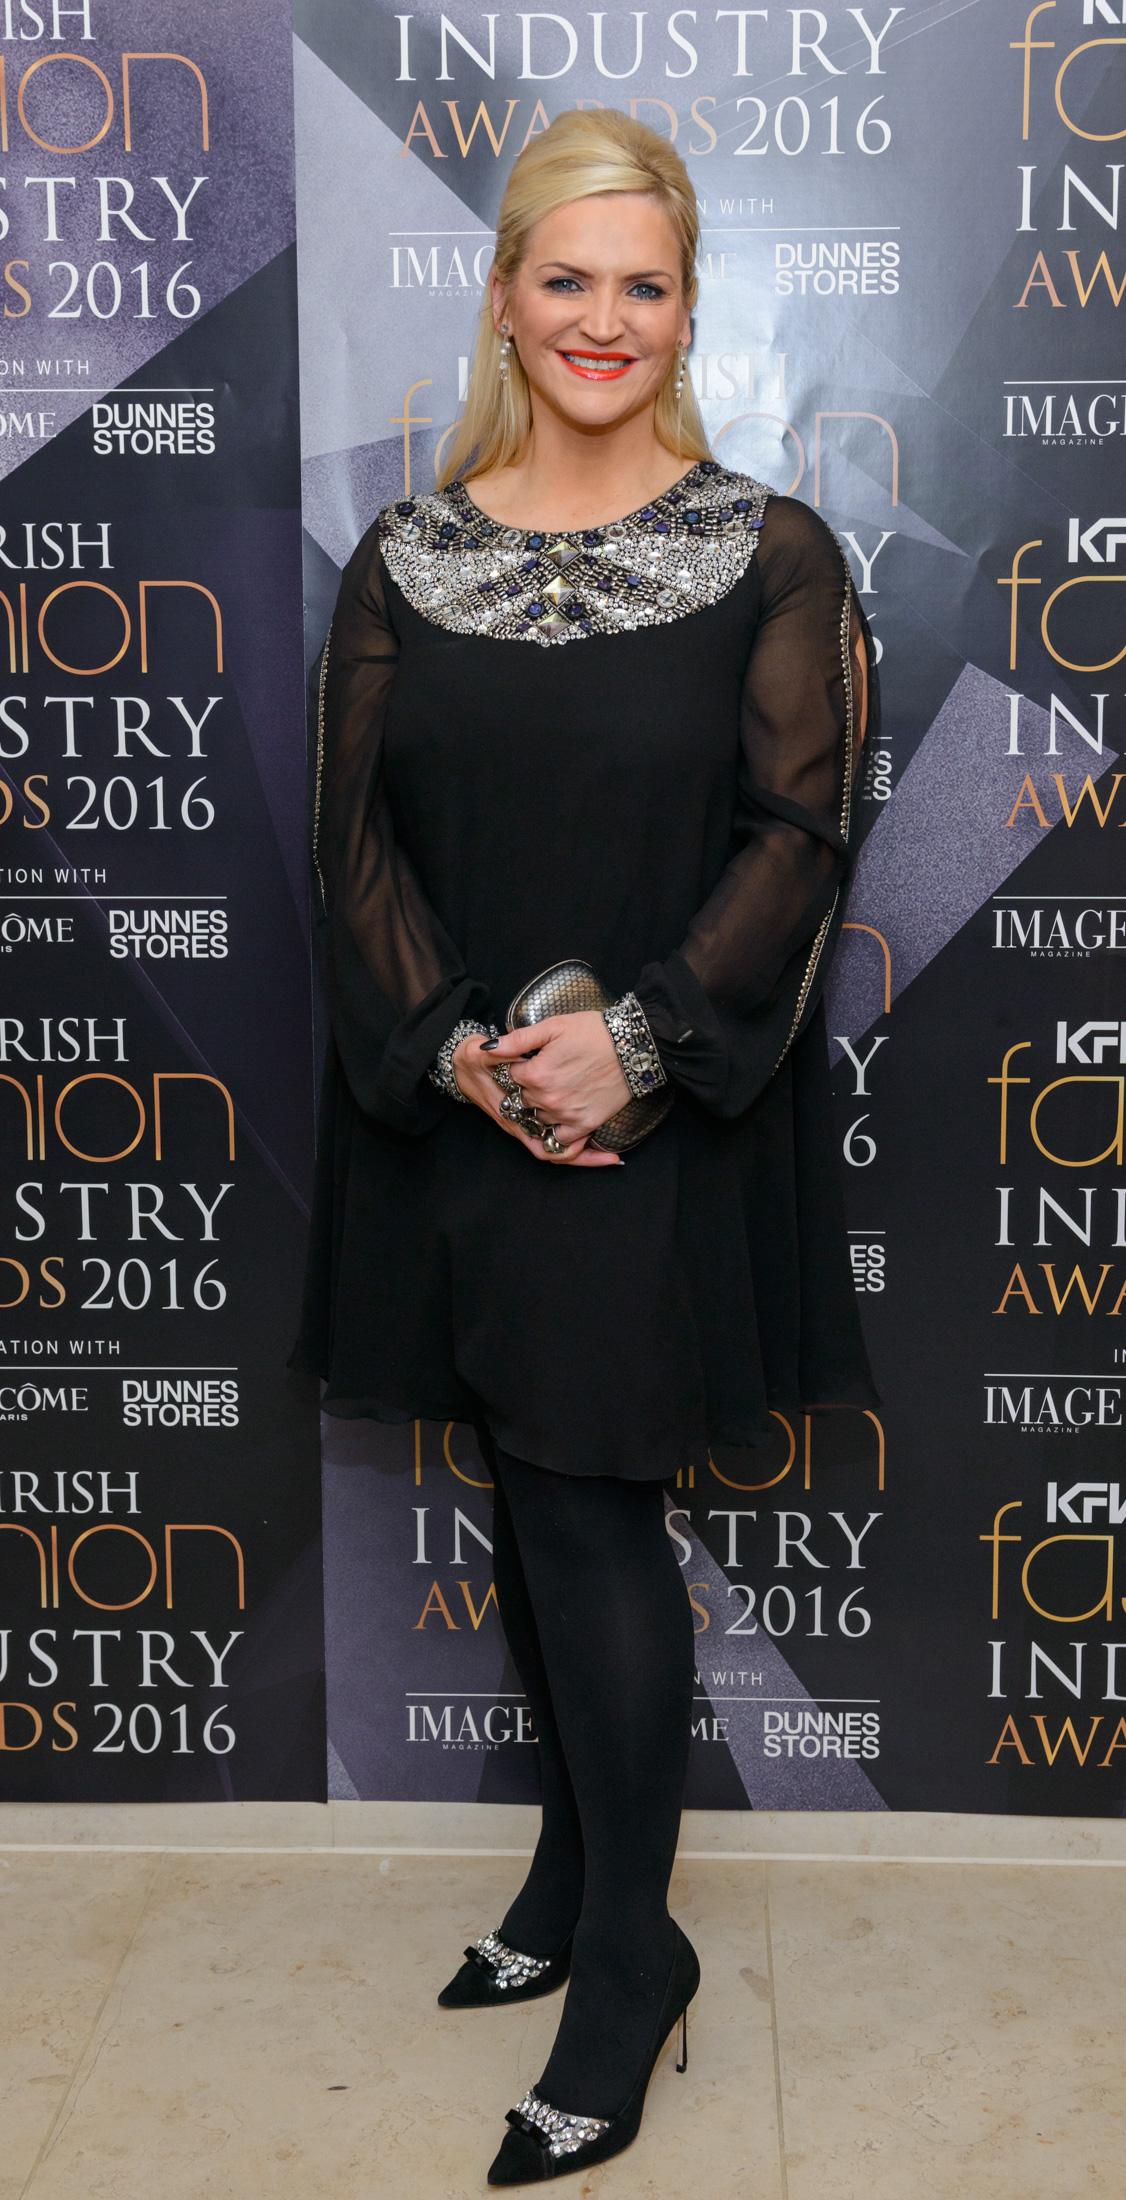 KFW16_Irish Fashion Industry Awards_10065.JPG